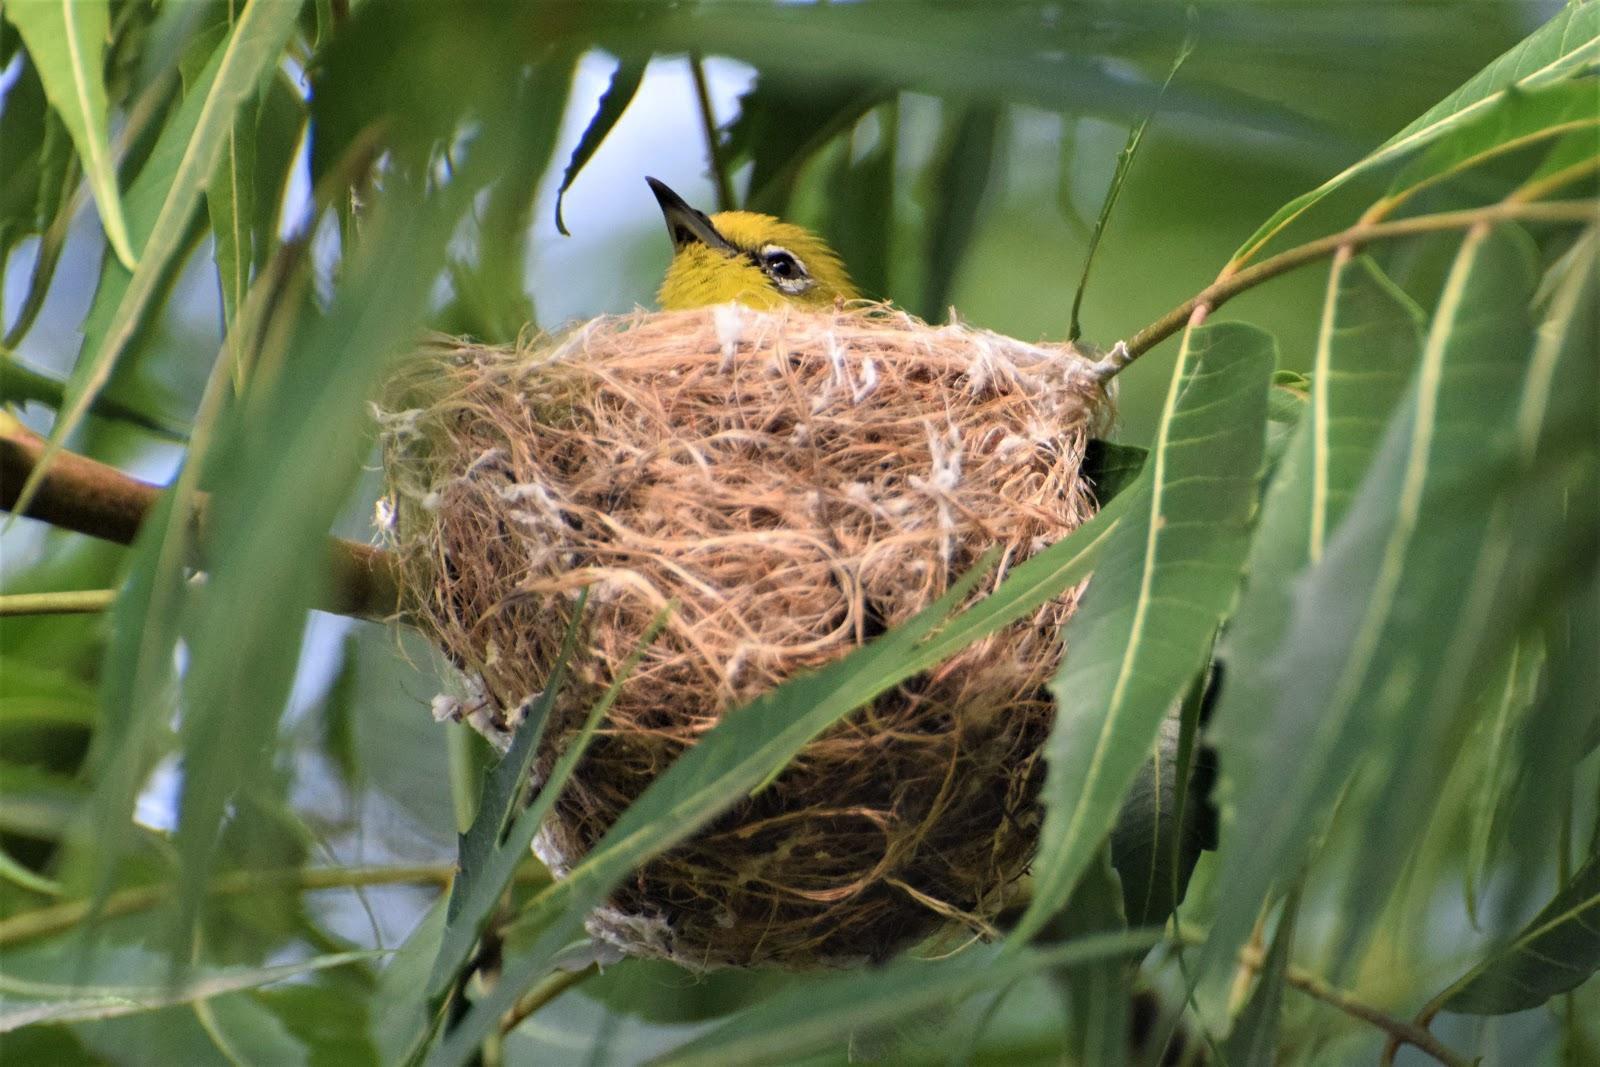 Tổ chim vành khuyên họng vàng